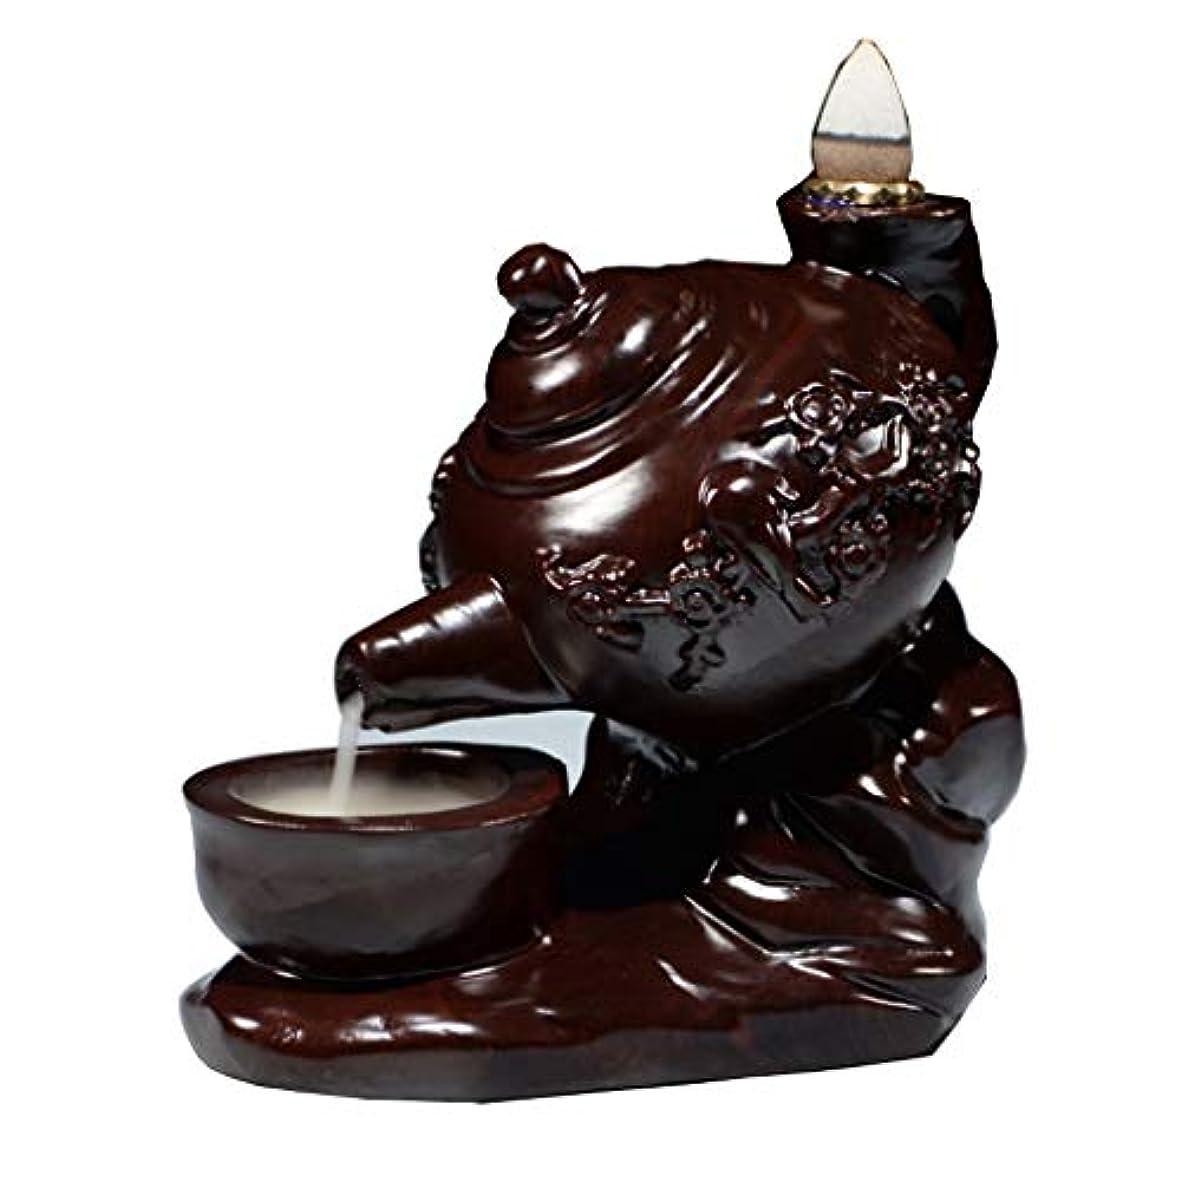 誰しなやかな立派なホームアロマバーナー 黒檀のティーポットバック香バーナー装飾クリエイティブマホガニーホーム屋内茶道香炉バーナービャクダン アロマバーナー